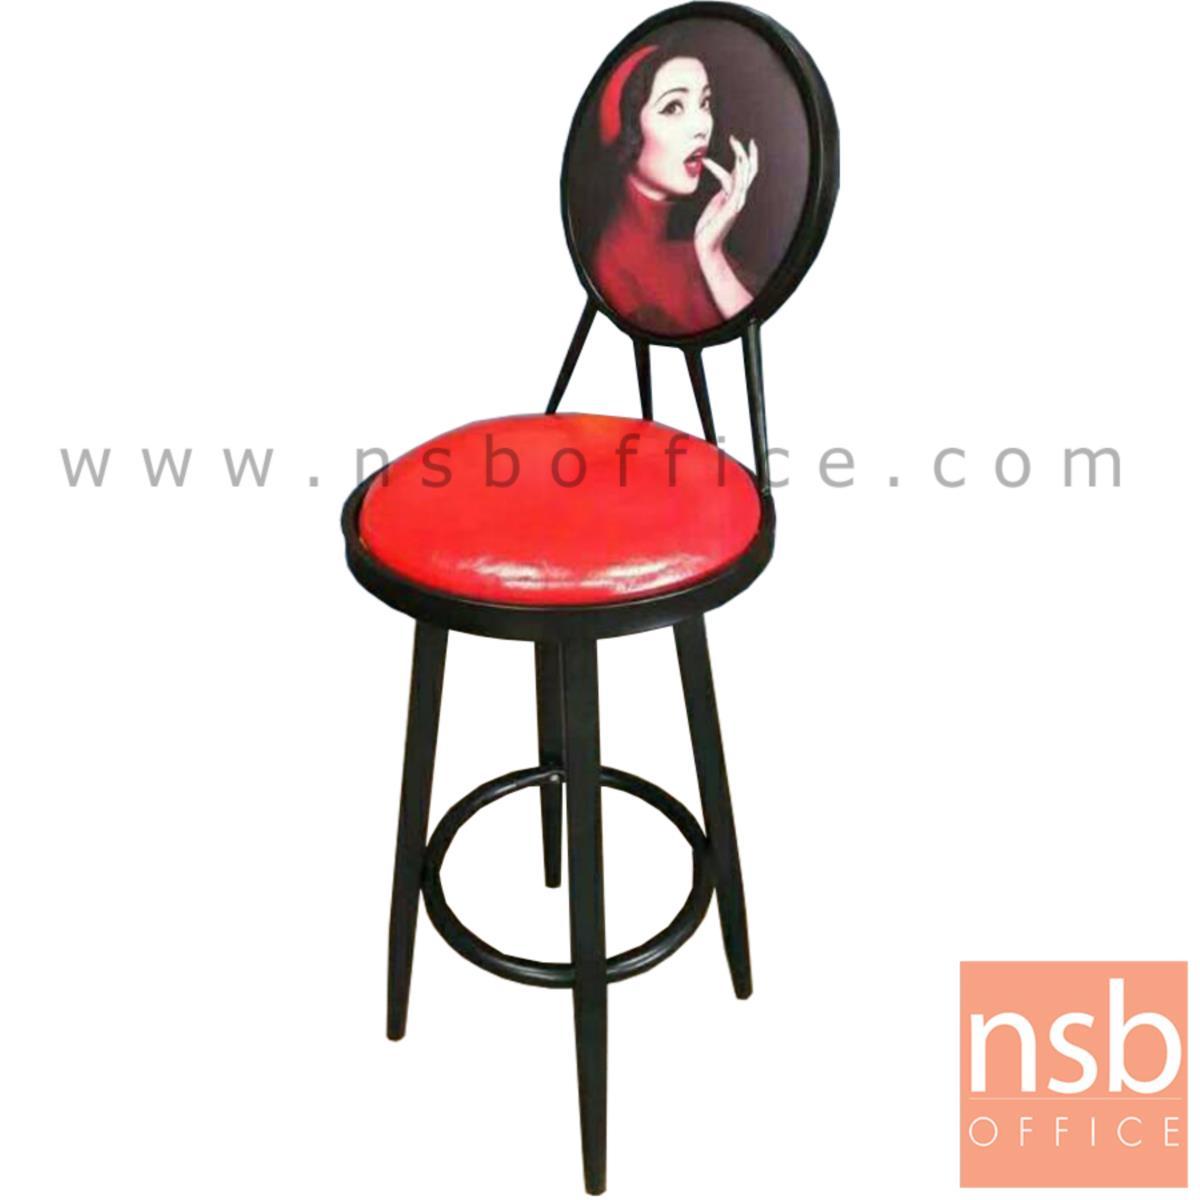 B18A072:เก้าอี้บาร์สูงหนังเทียม รุ่น Kristy (คริสตี้) ขนาด 39Di cm. โครงเหล็กสีดำด้าน